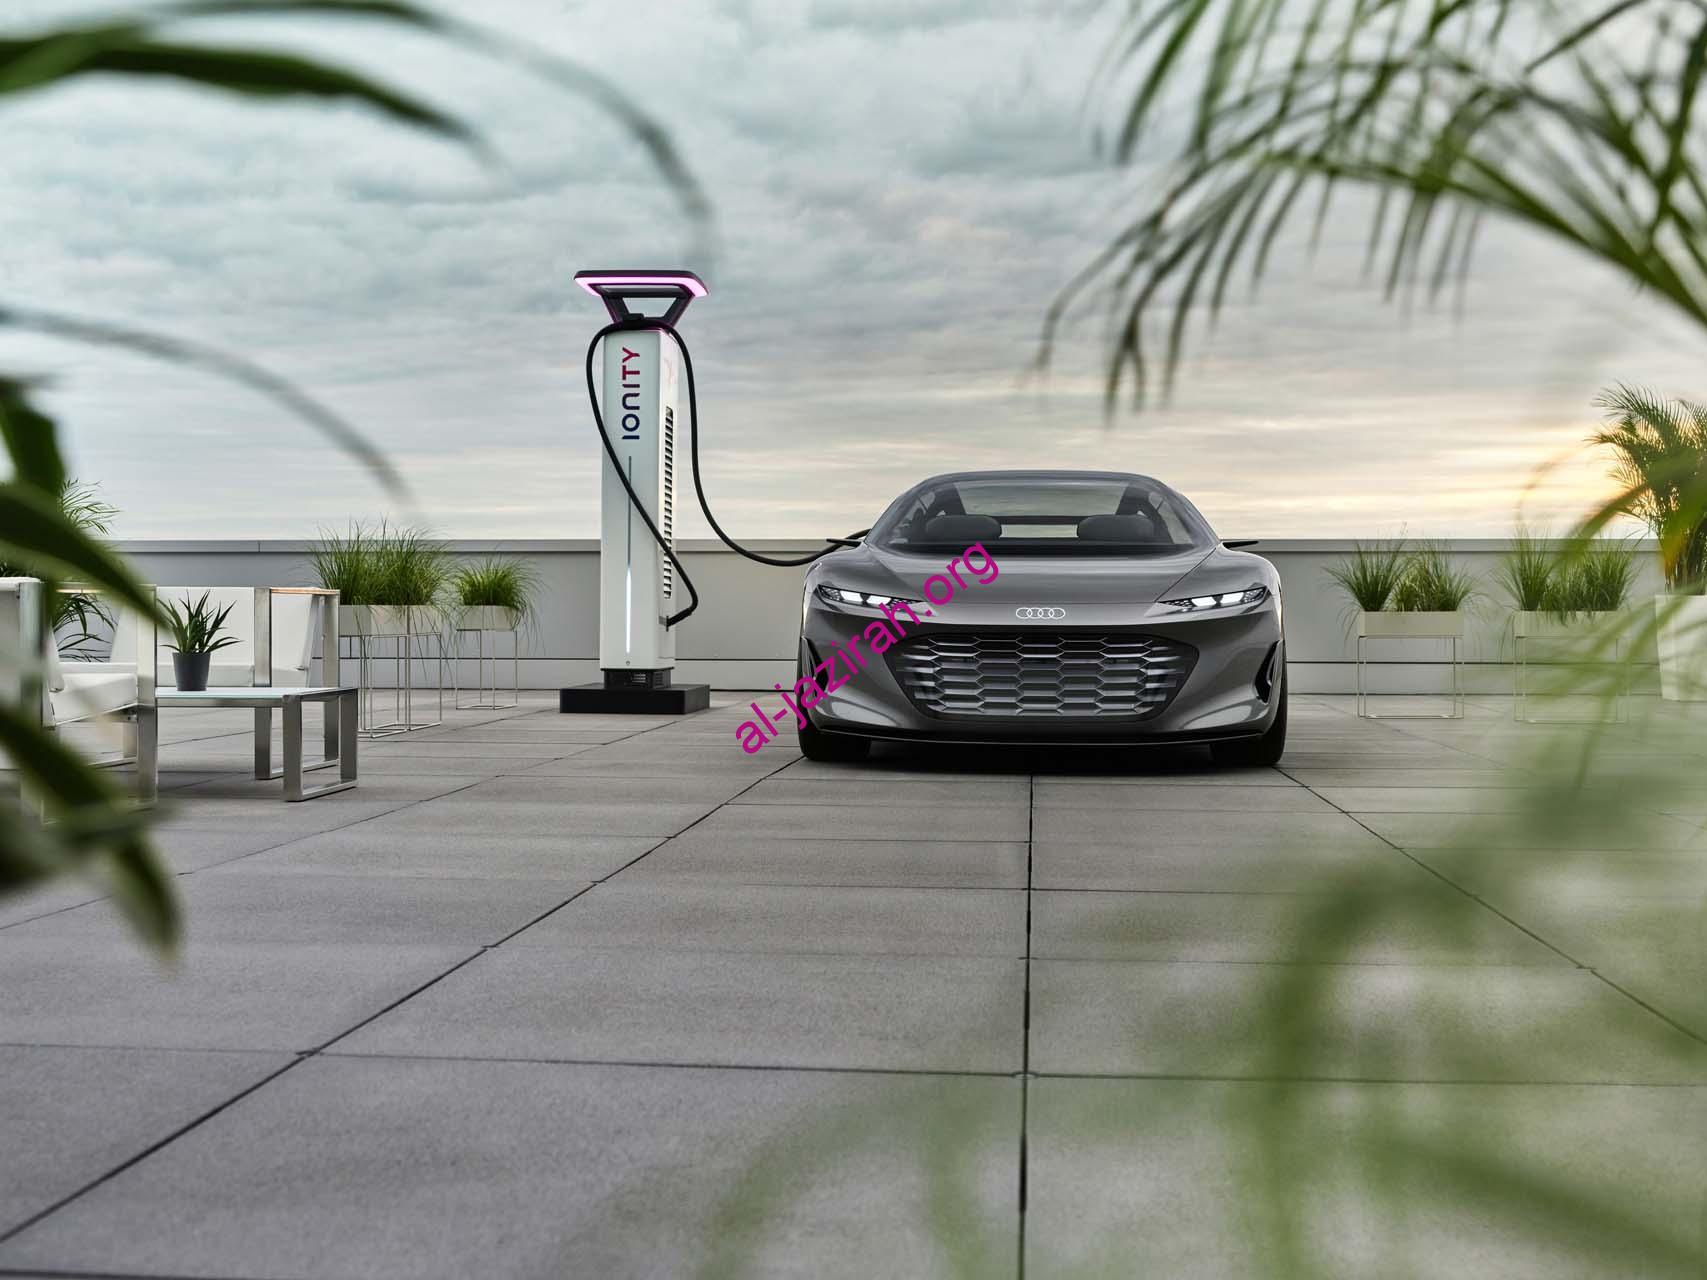 أودي شكل سيارة السيدان الكهربائية المستقلة